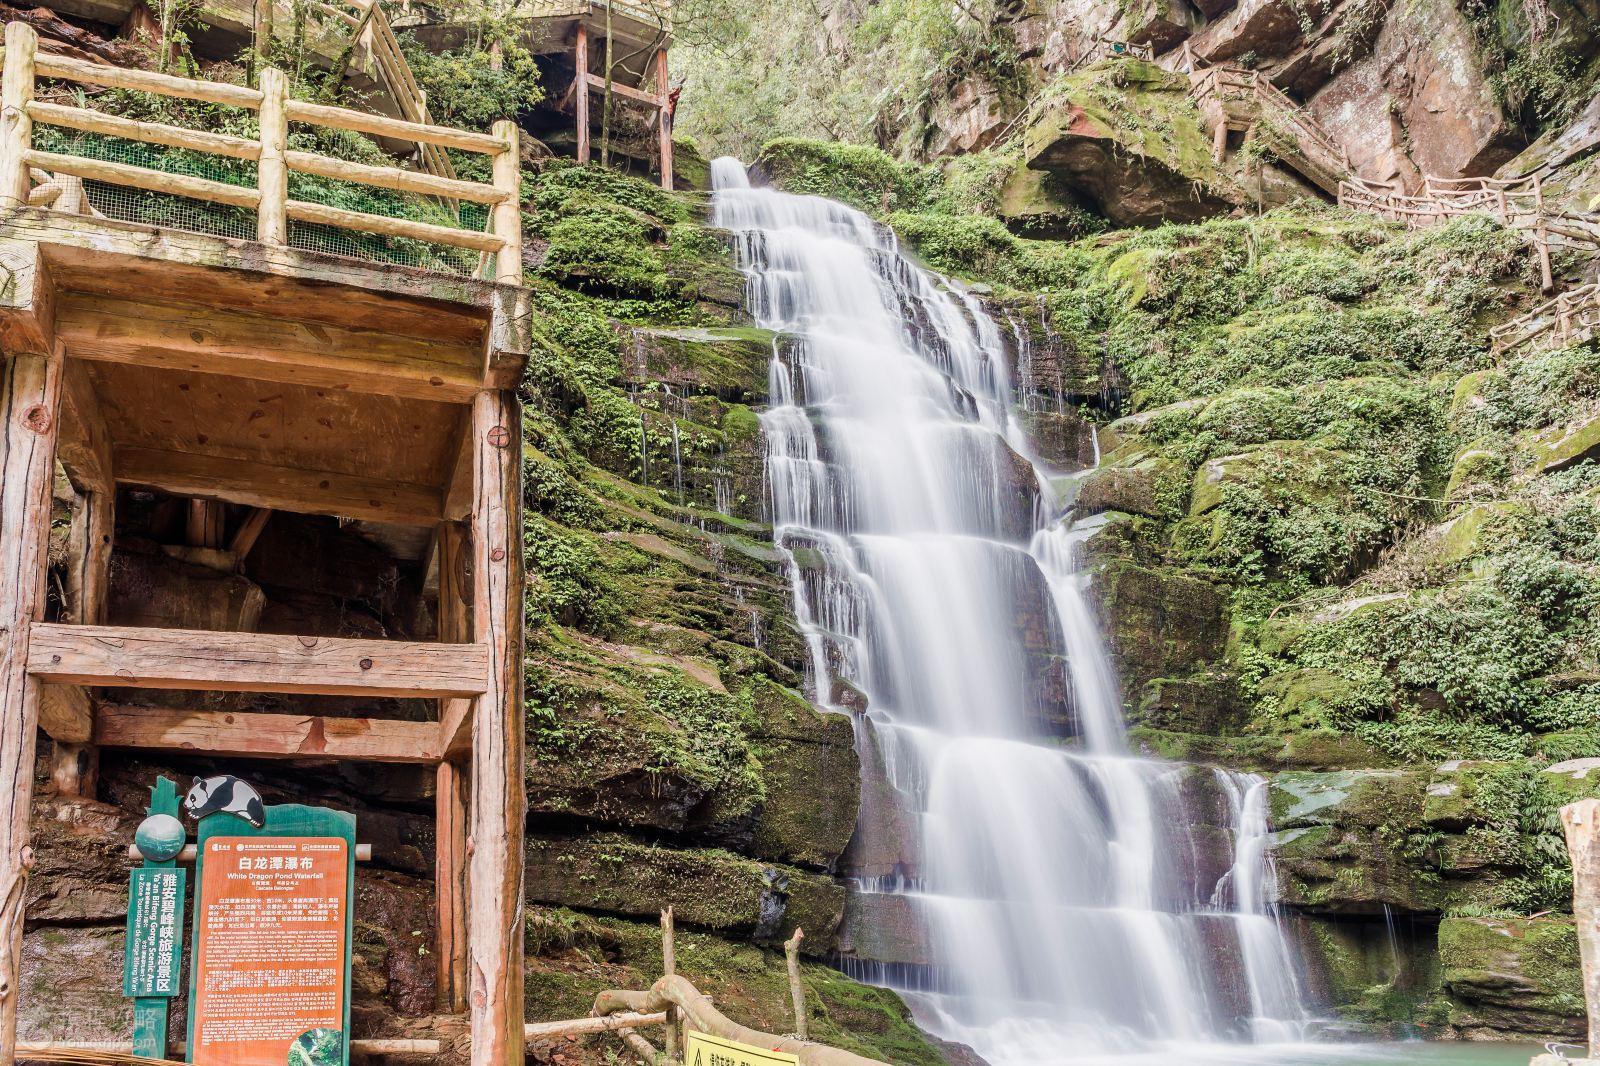 雅安2日1晚跟团游·碧峰峡植物园+生态动物园+上里